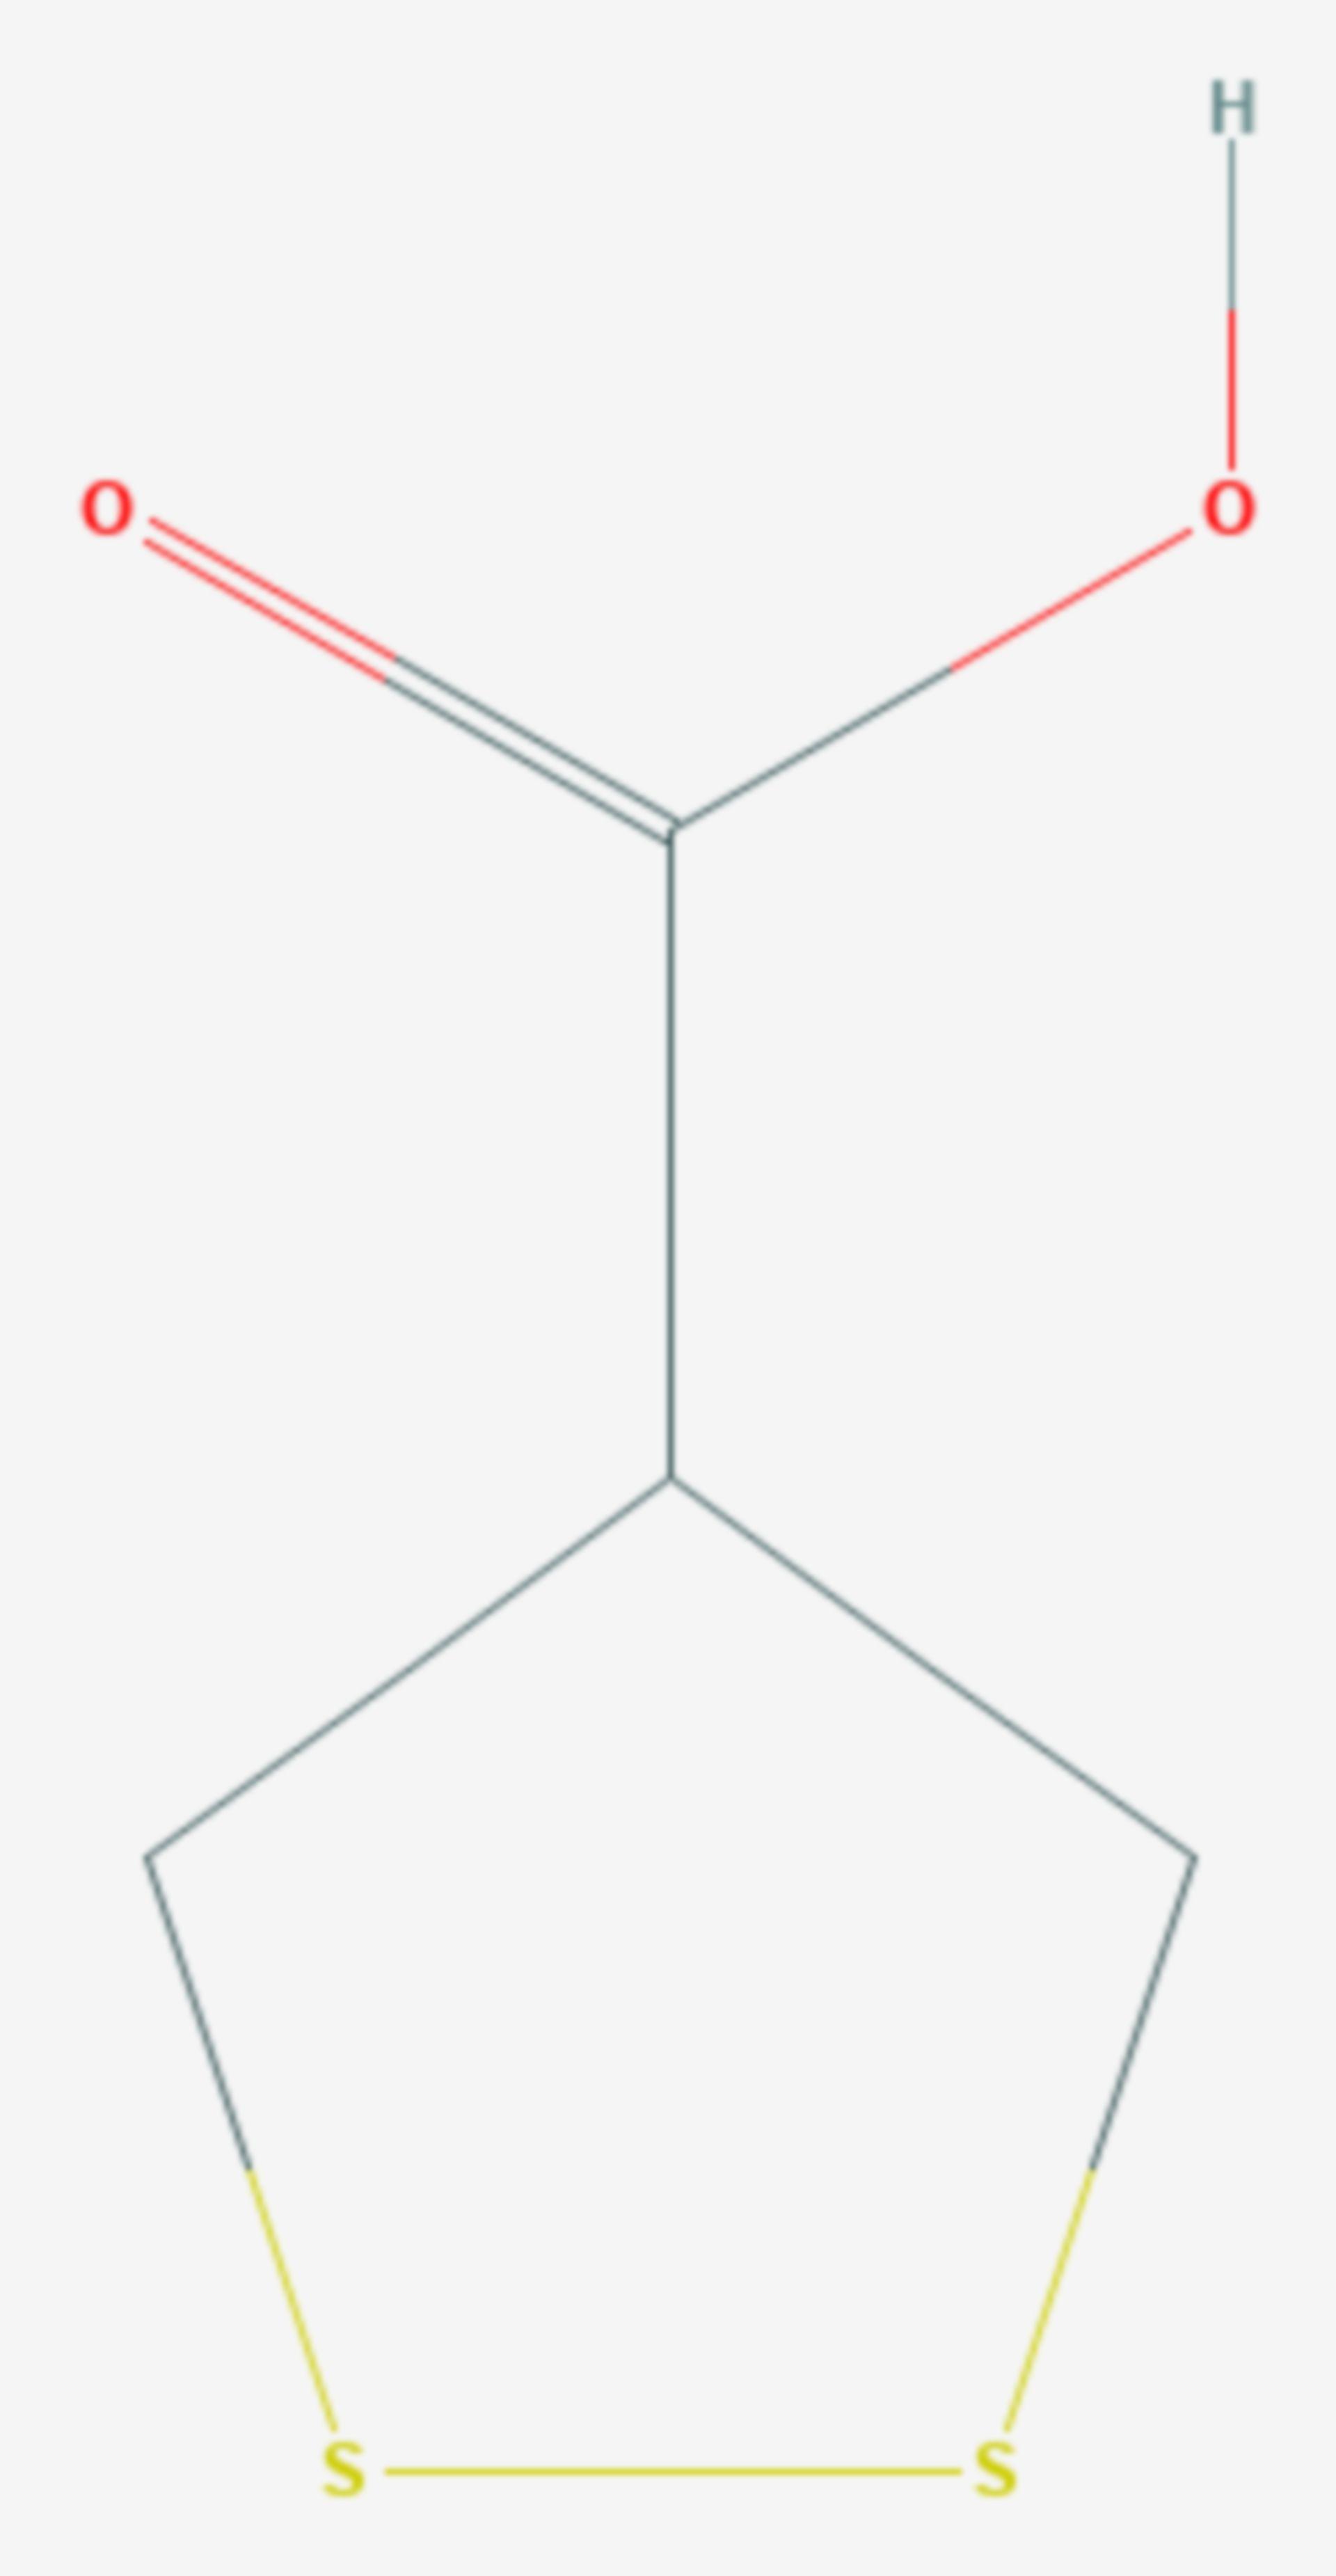 Asparagusinsäure (Strukturformel)